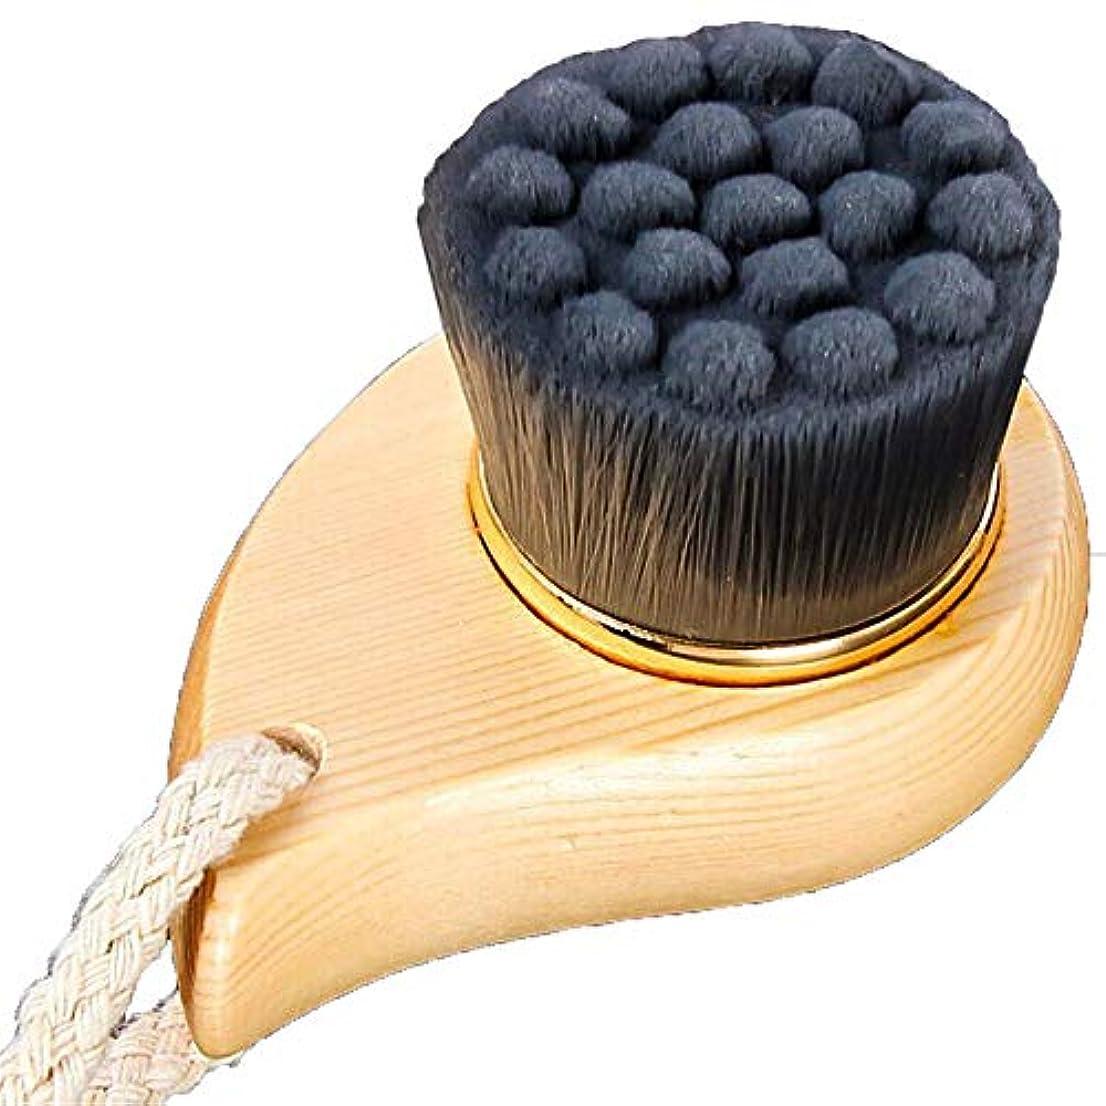 不適切なスコットランド人機械洗顔ブラシ 深い毛穴のための柔らかい剛毛の表面クリーニングの美のブラシの清潔になることの美顔術のブラシ ディープクレンジングスキンケア用